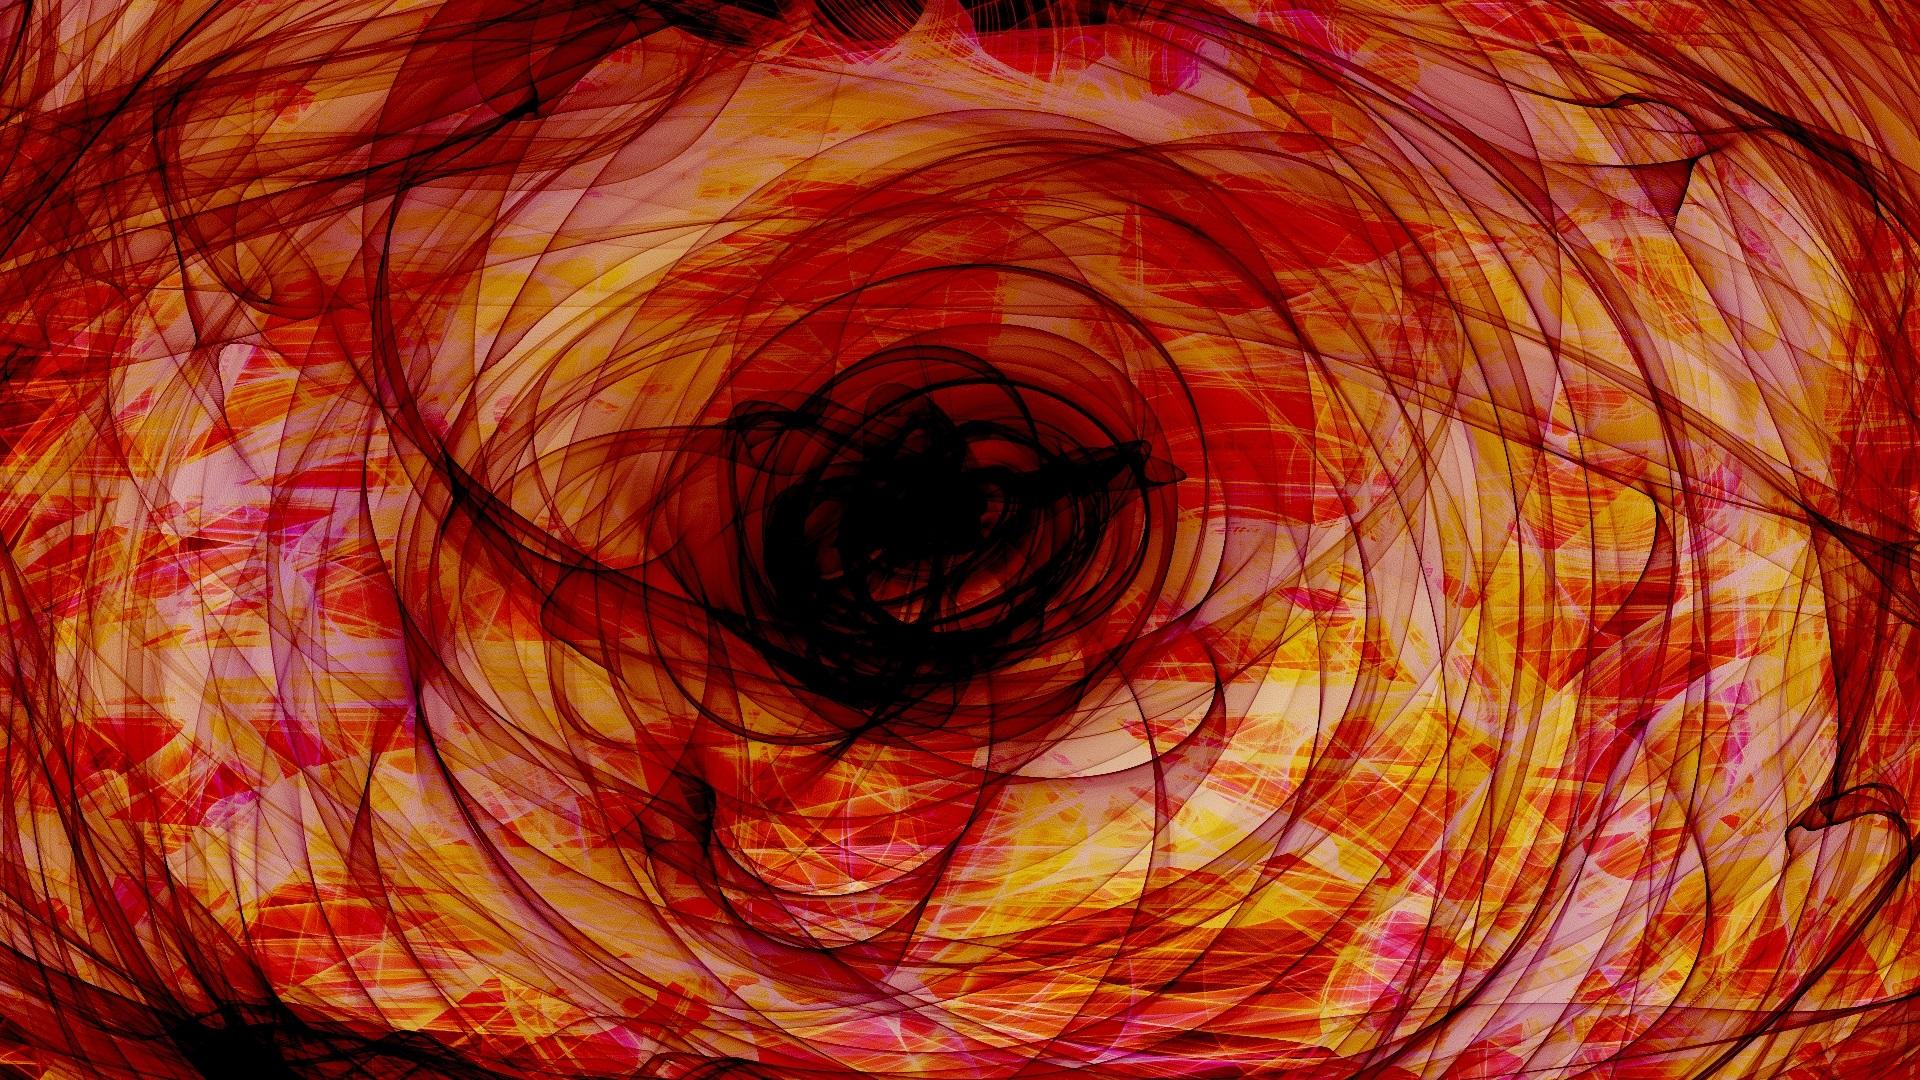 1920x1080 Abstracto Full Hd 1920x1080: Fondos De Pantalla Coloridas Líneas De Rotación, Rayas